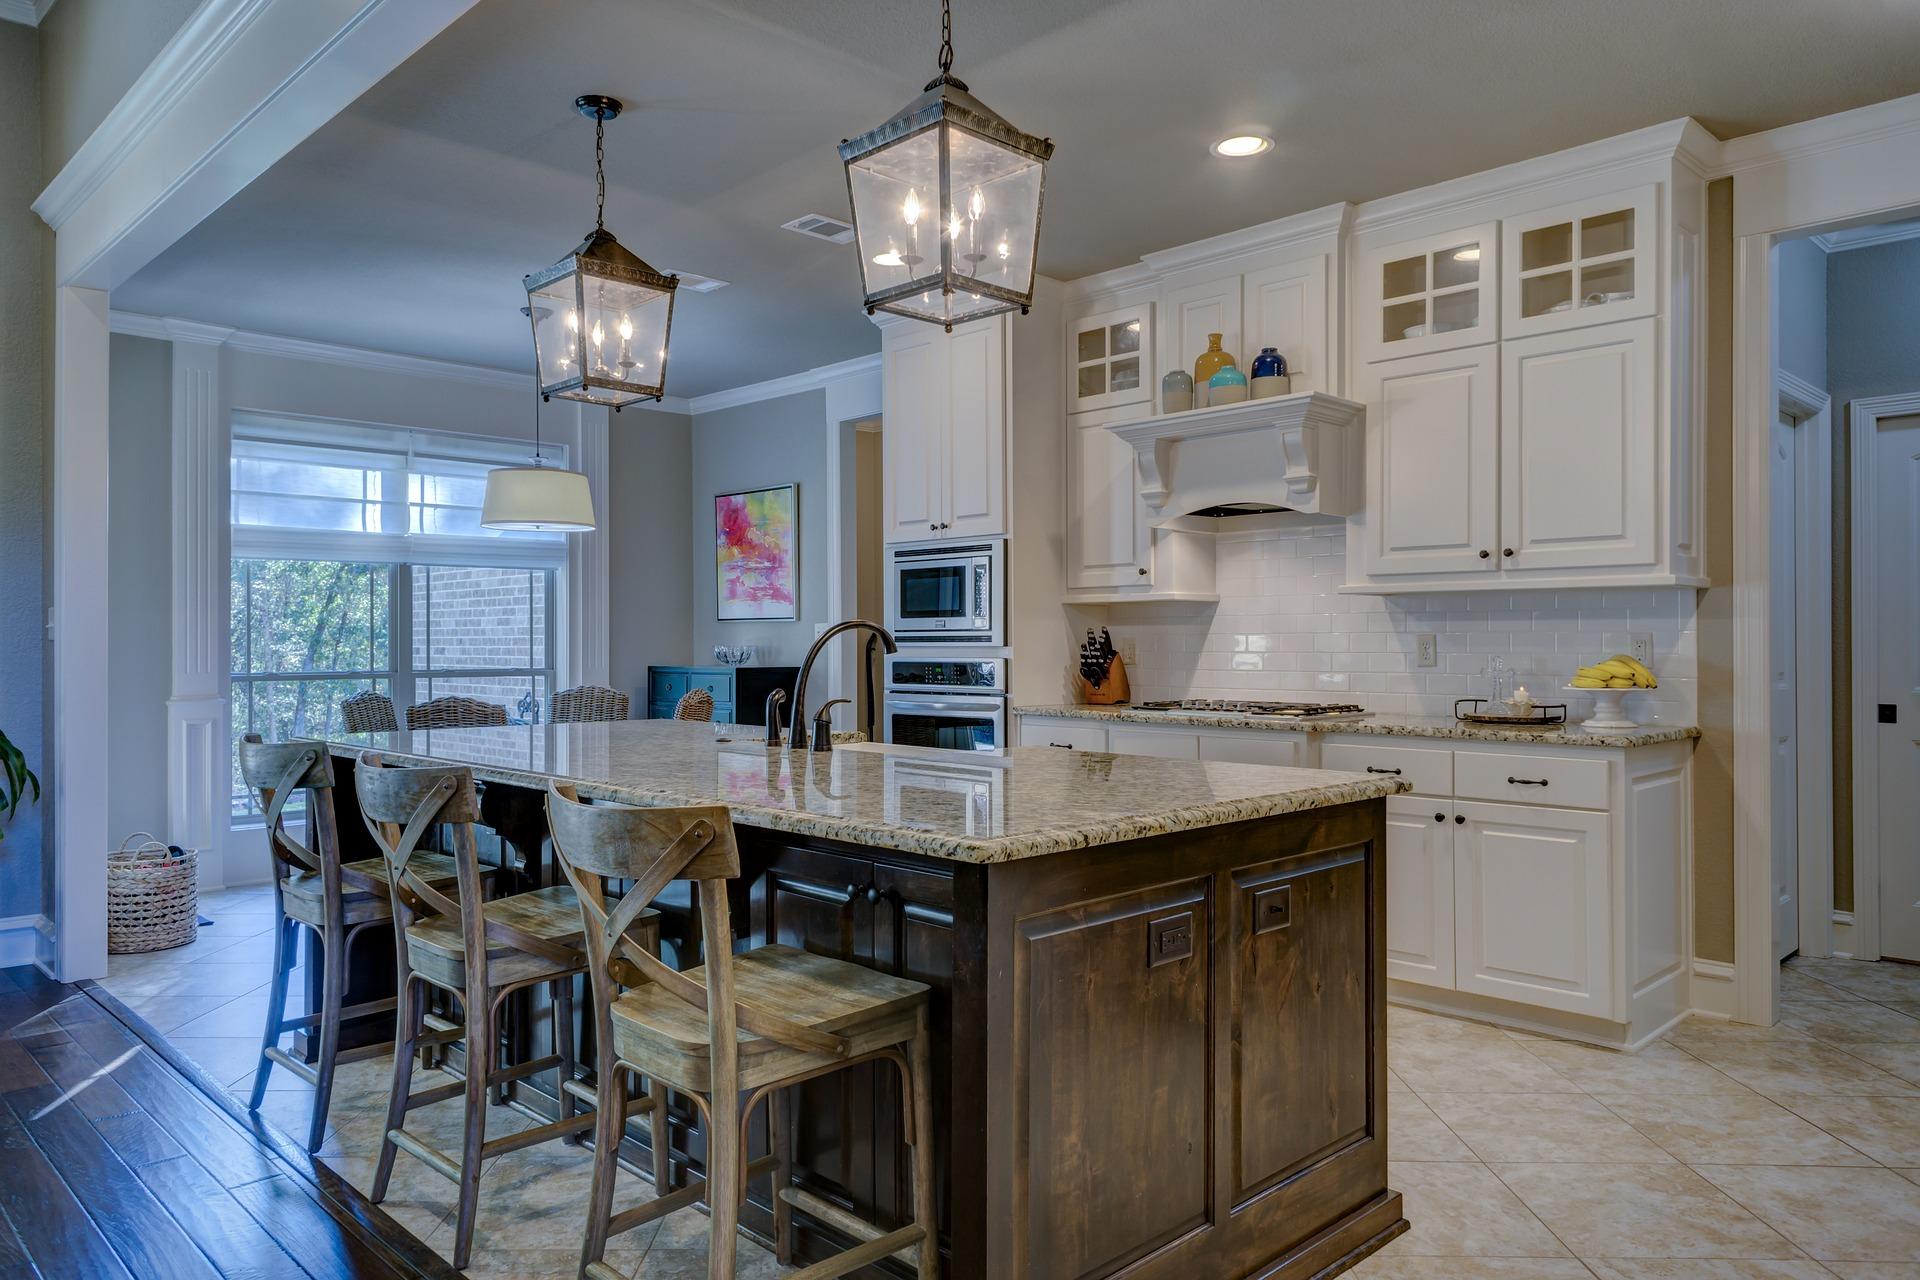 modern lighting in kitchen